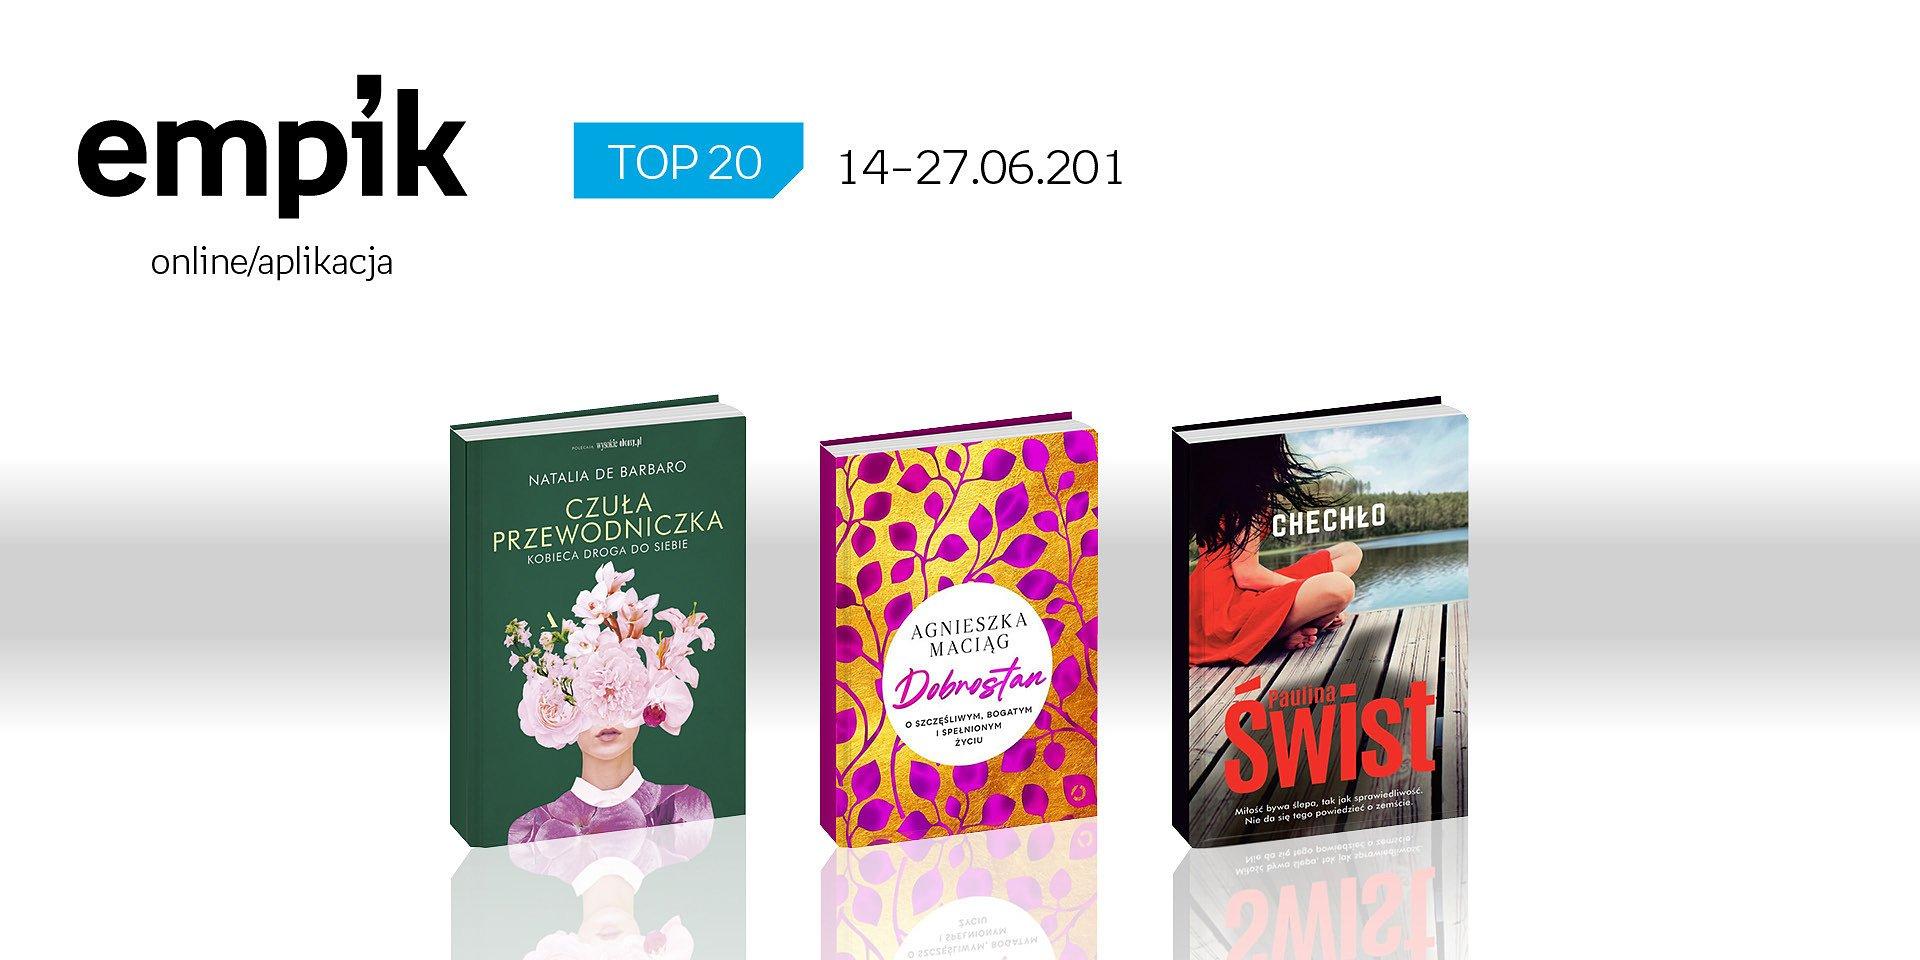 Książkowa lista TOP 20 na Empik.com za okres 14 – 27 czerwca